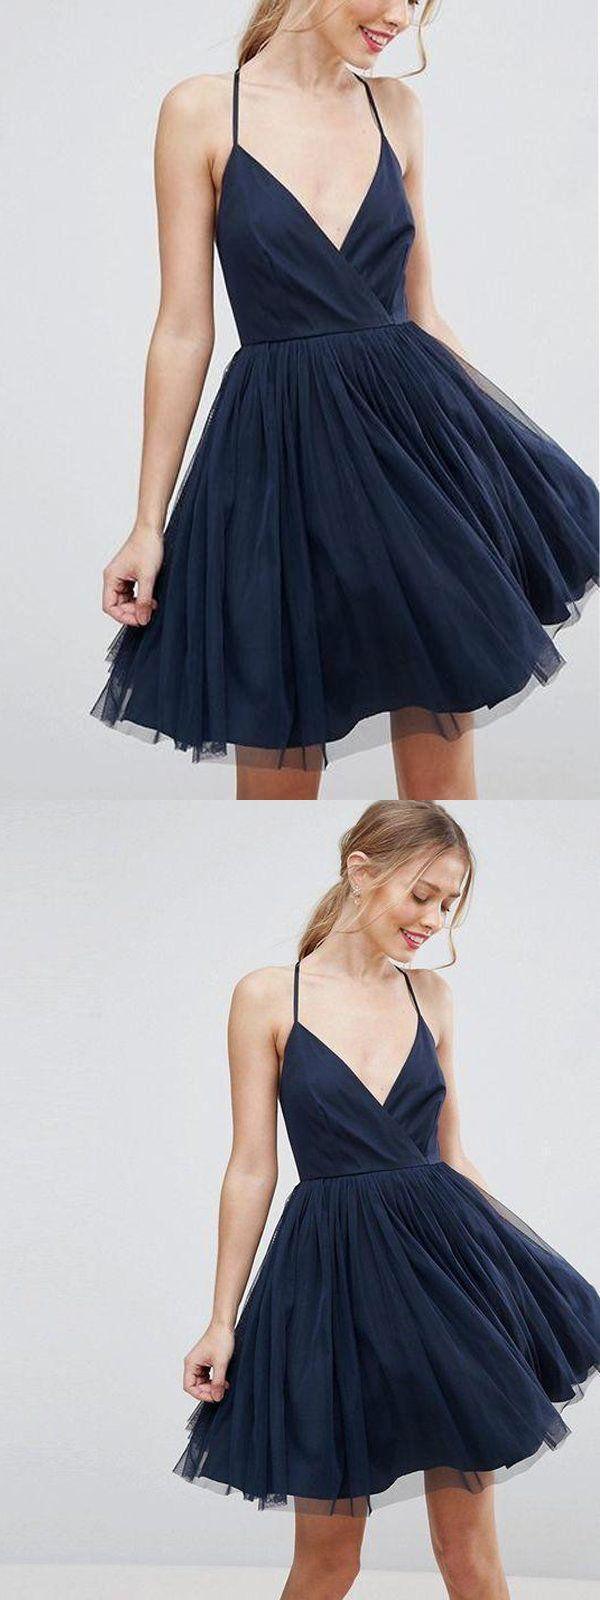 Spaghetti straps vneck navy blue homecoming dressescheap short